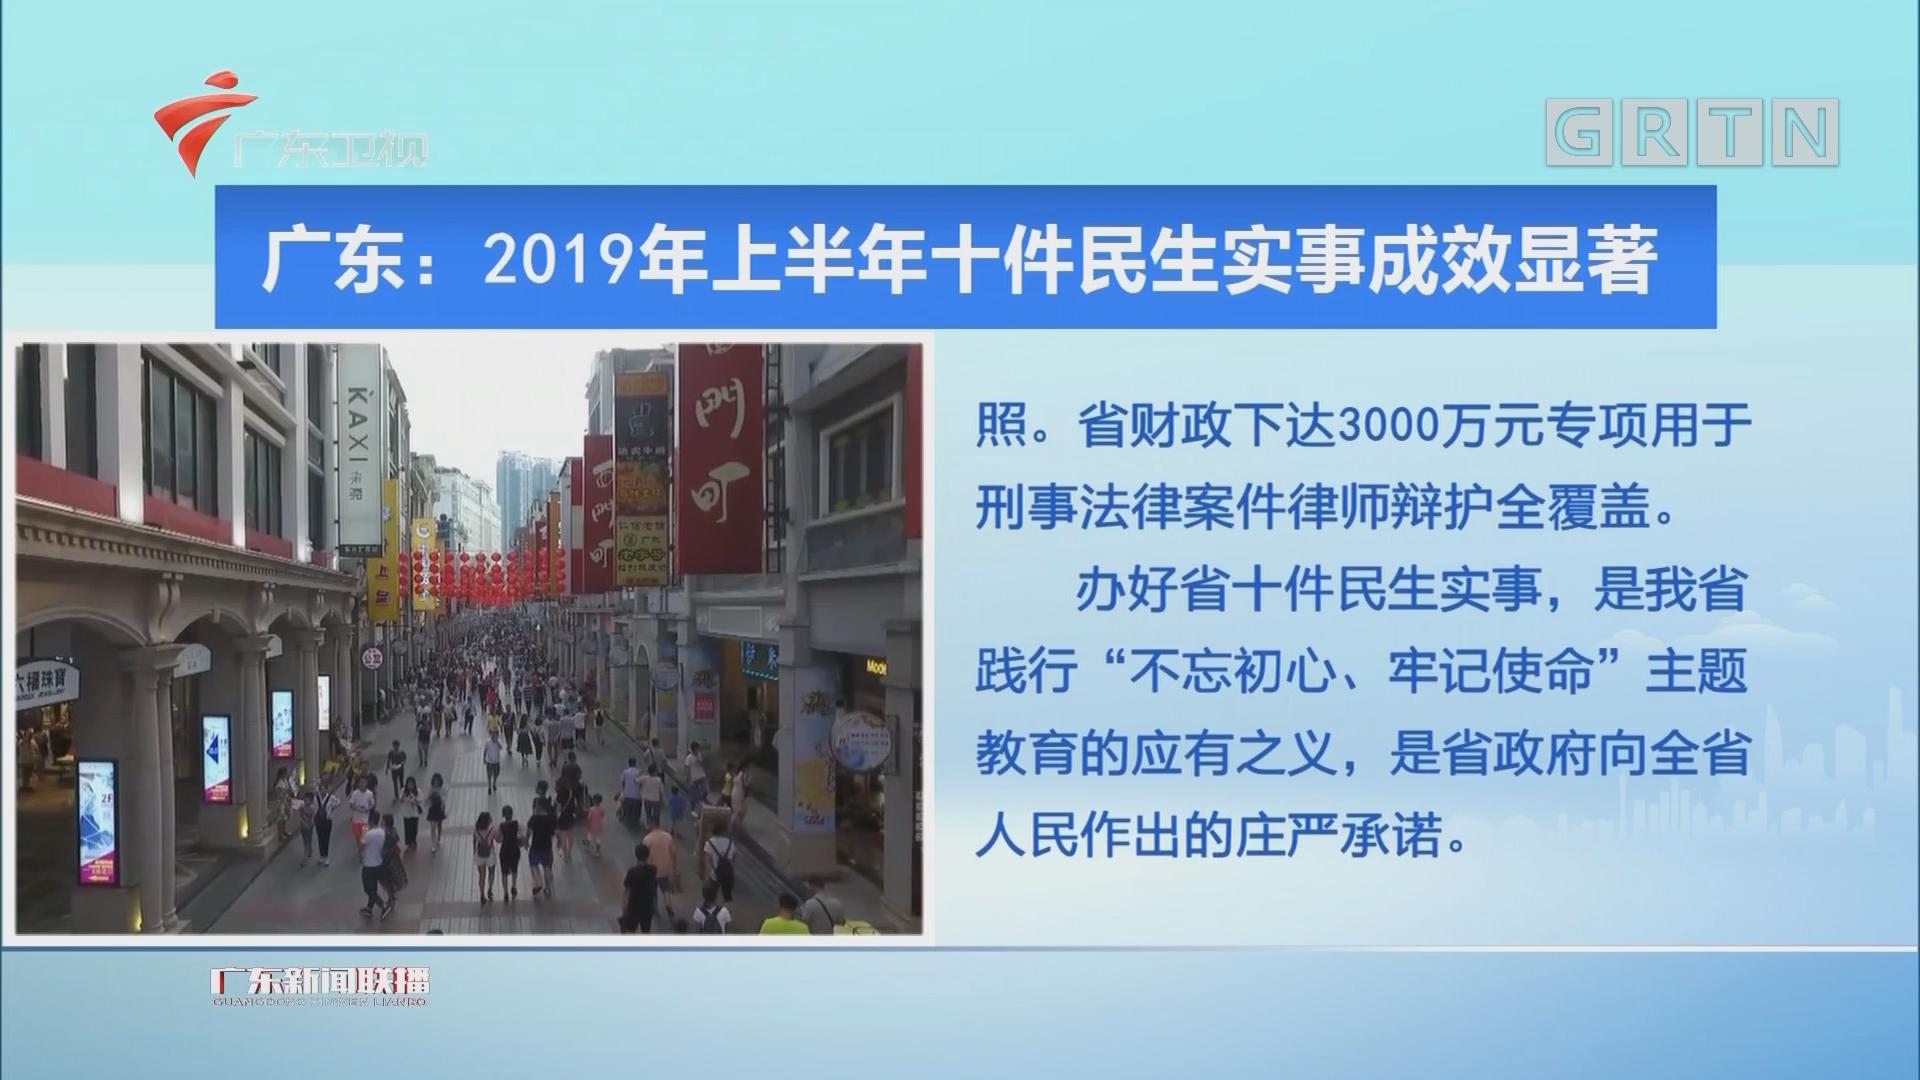 广东:2019年上半年十件民生实事成效显著